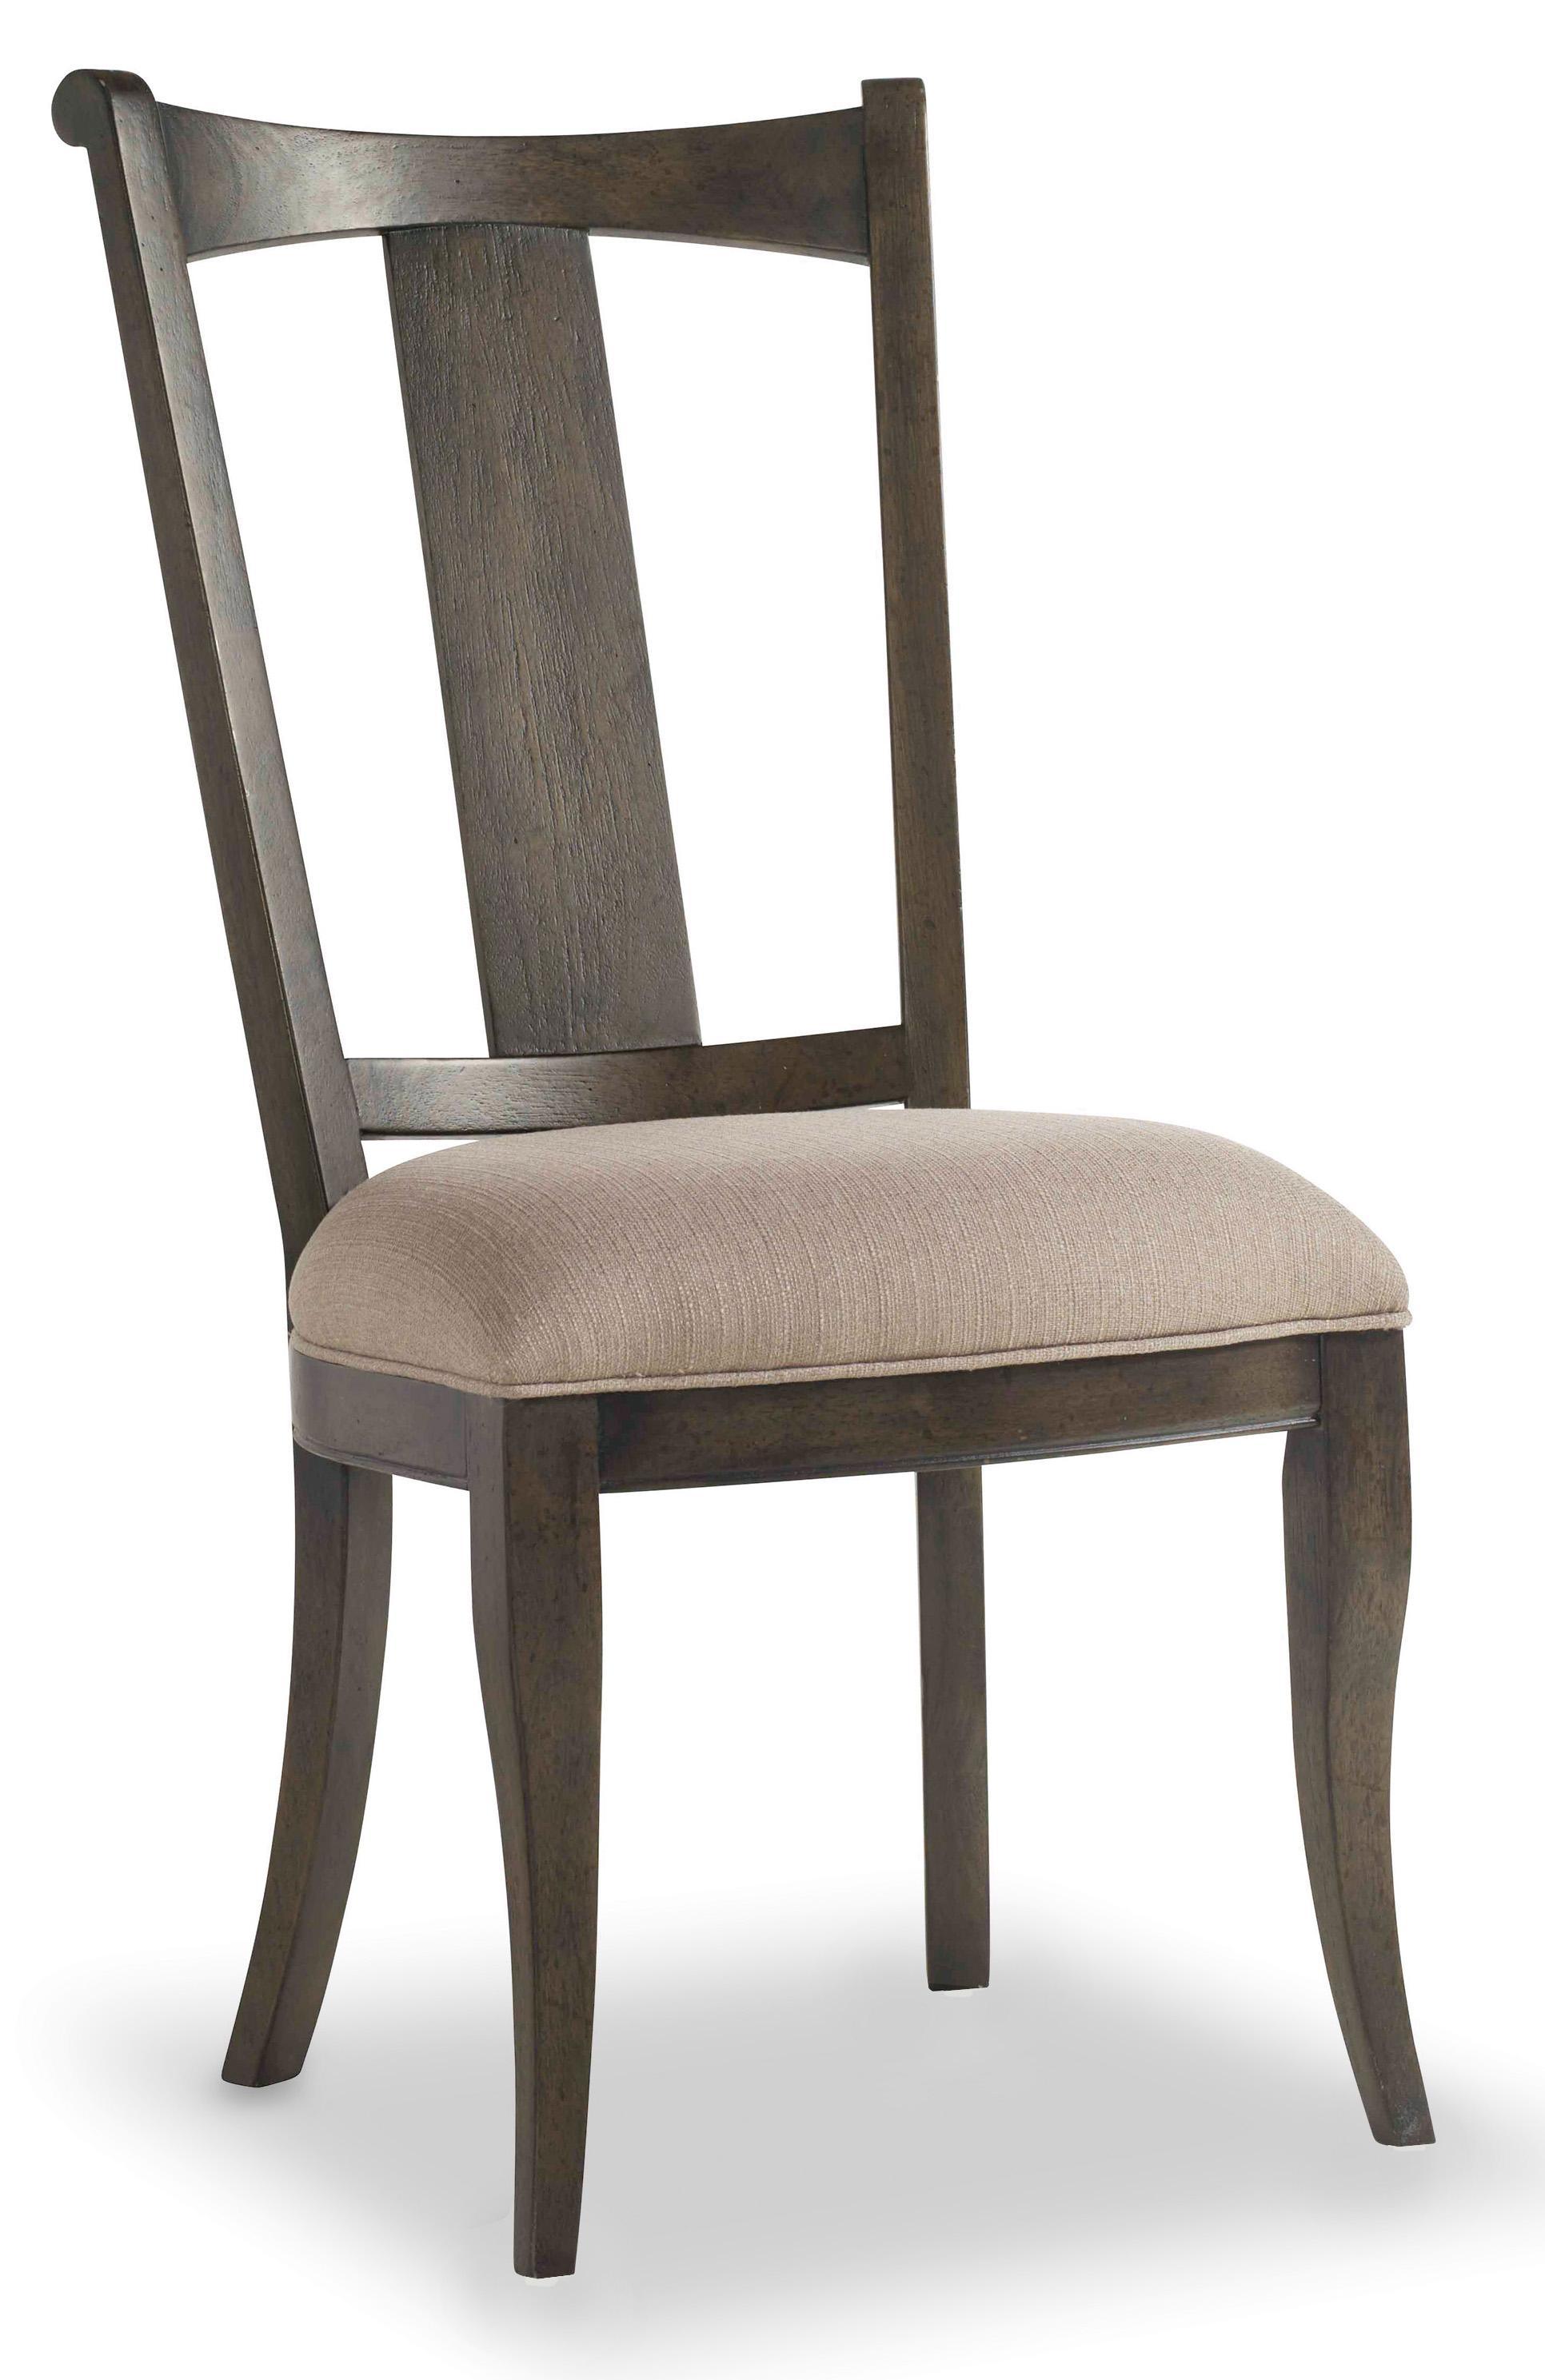 Hooker Furniture Vintage WestUpholstered Splatback Side Chair ...